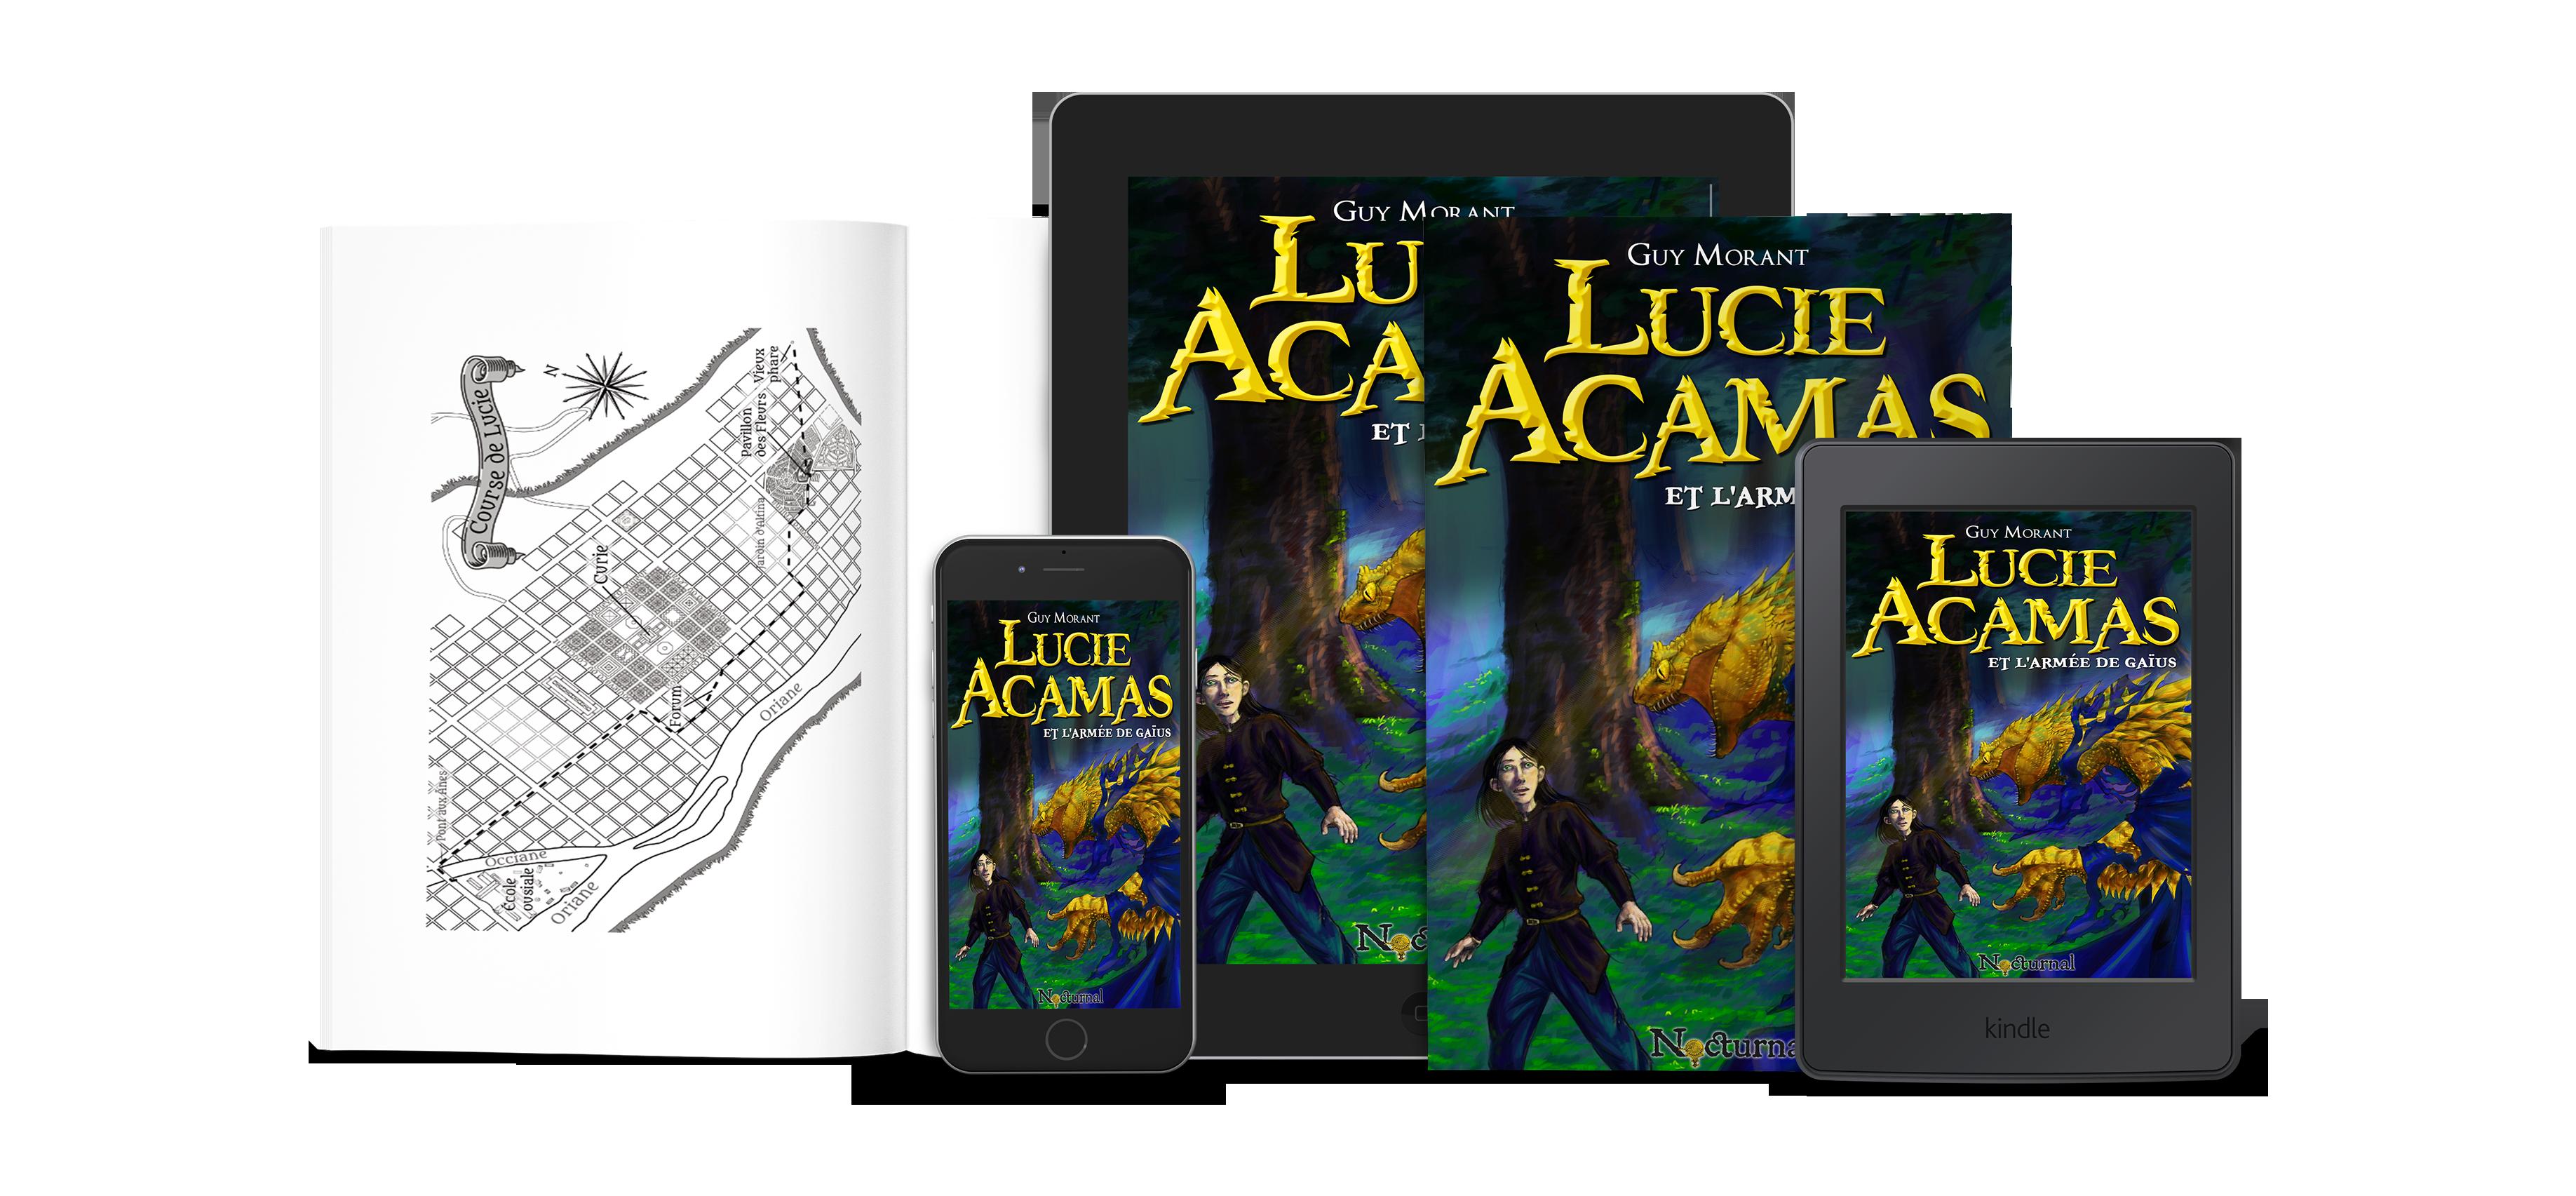 Lucie Acamas et l'armée de Gaïus - Kouvertures.com